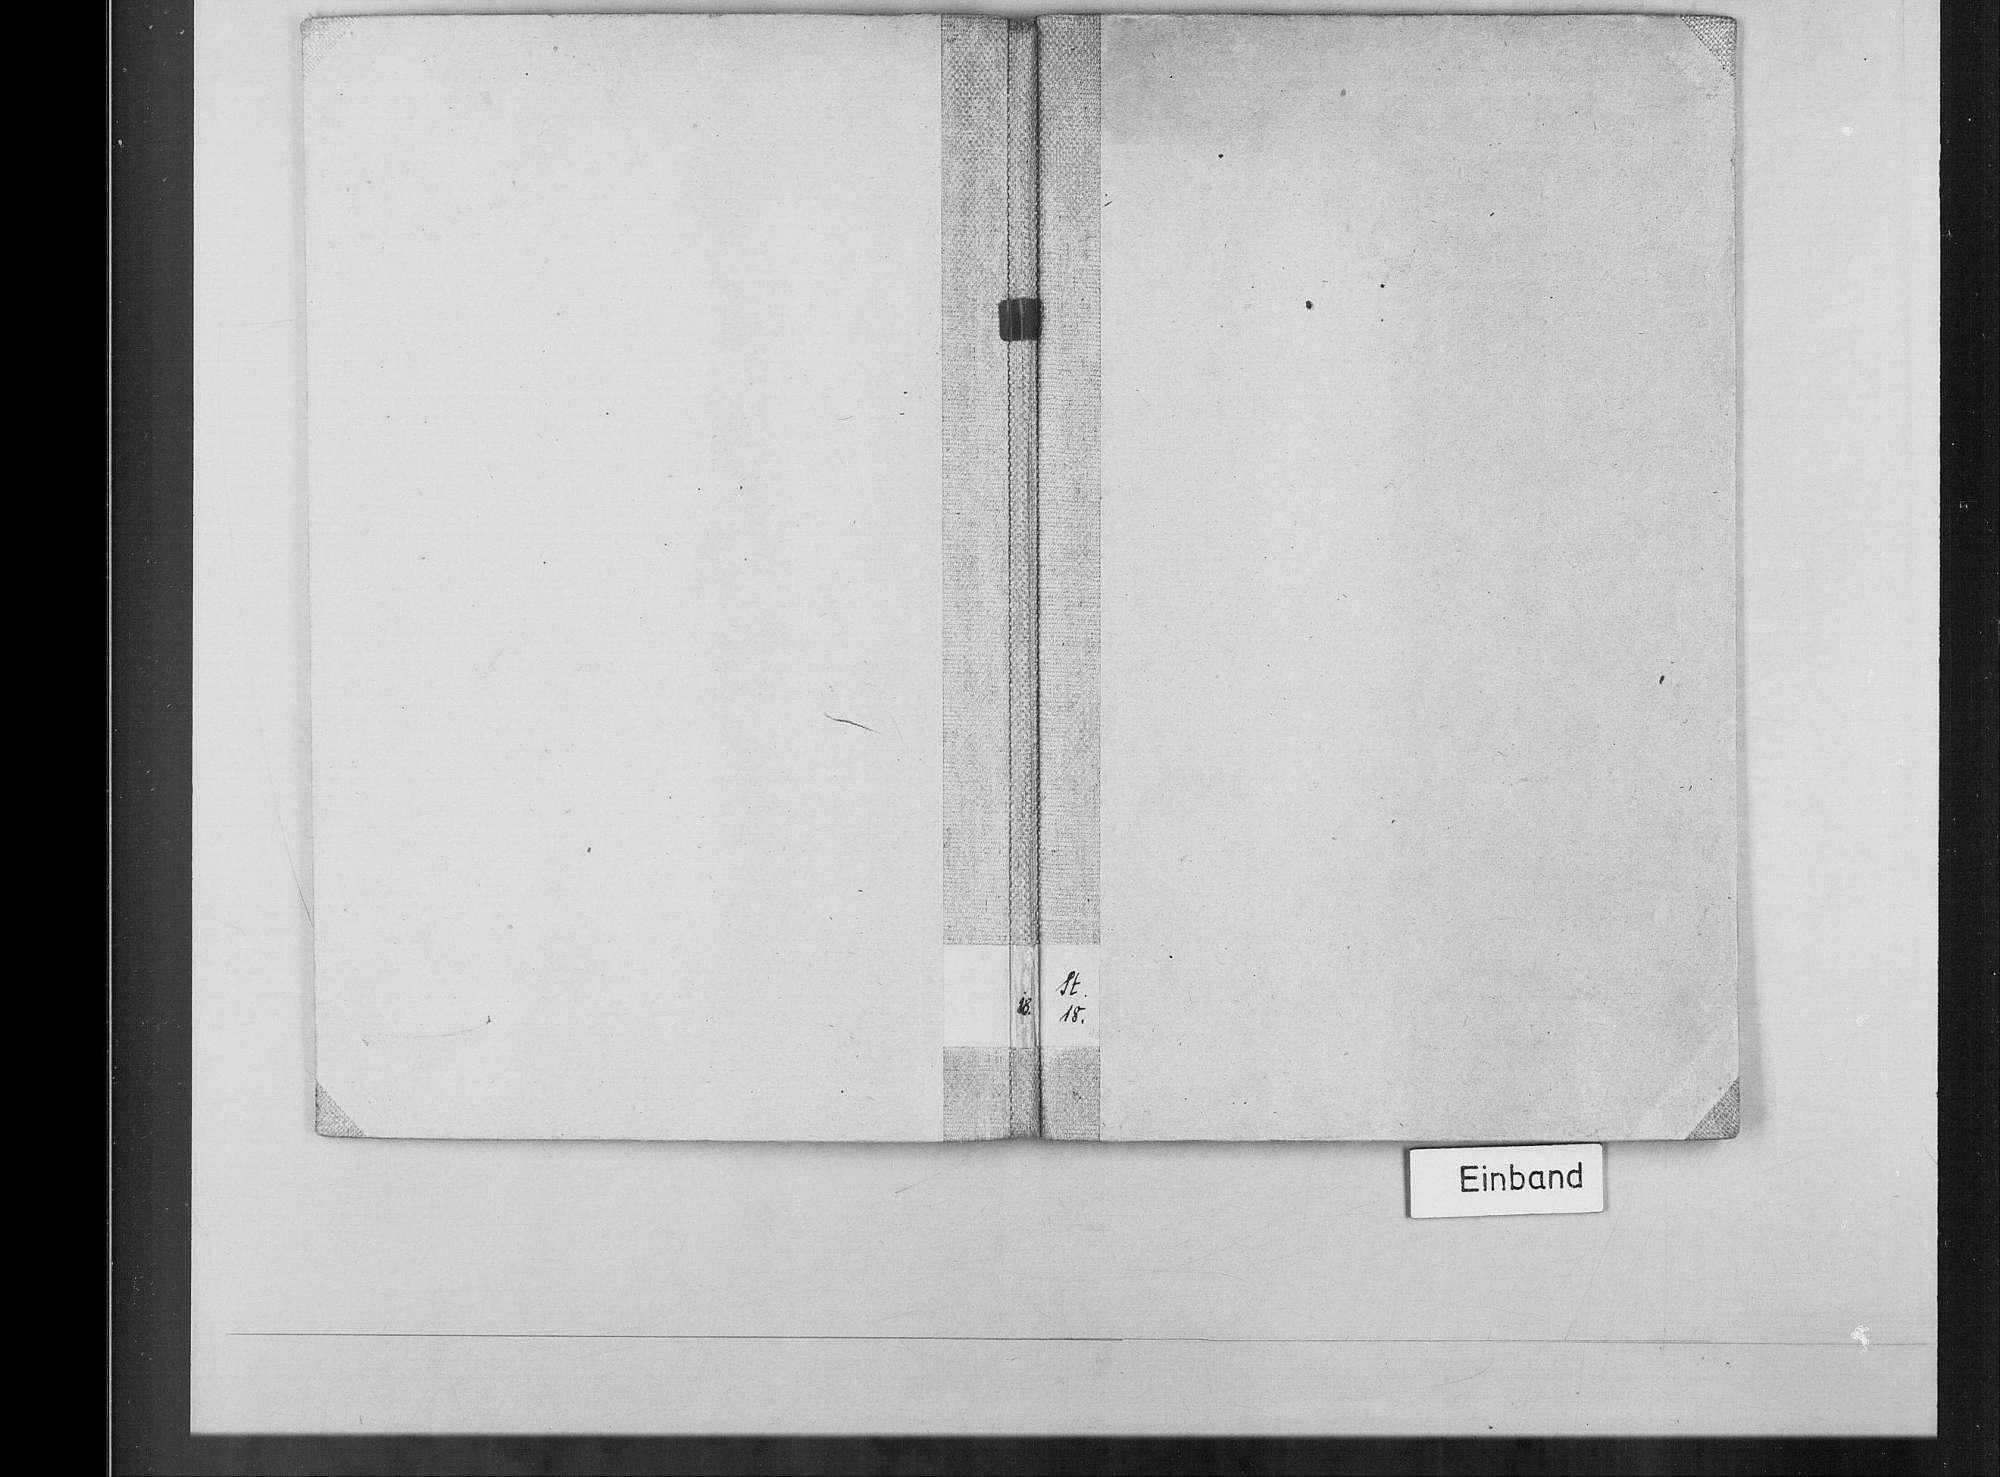 Zavelstein, Bild 1